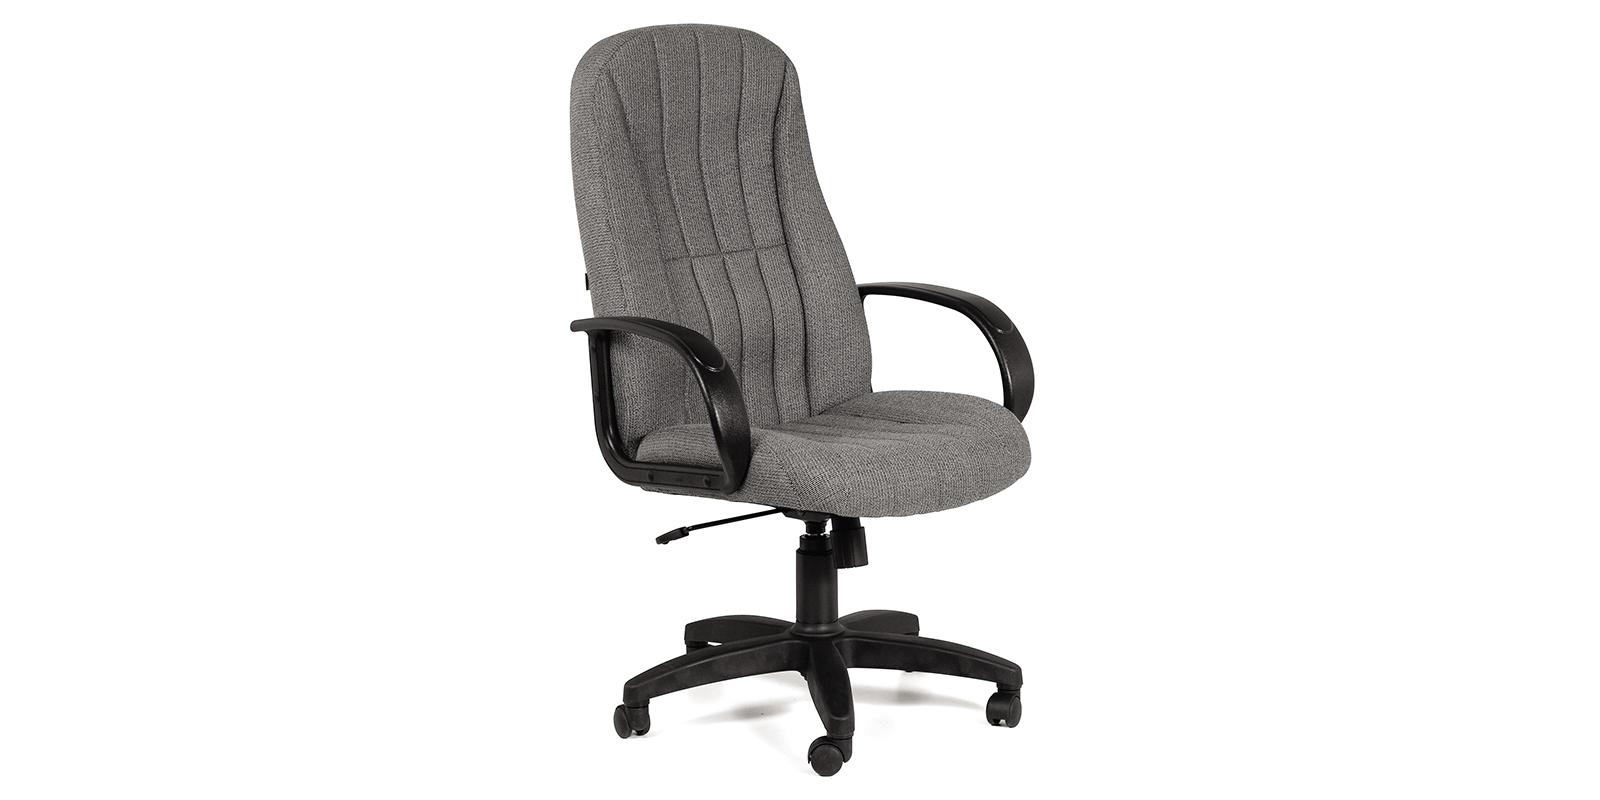 Кресло руководителя HomeMe Chairman 685 от Homeme.ru